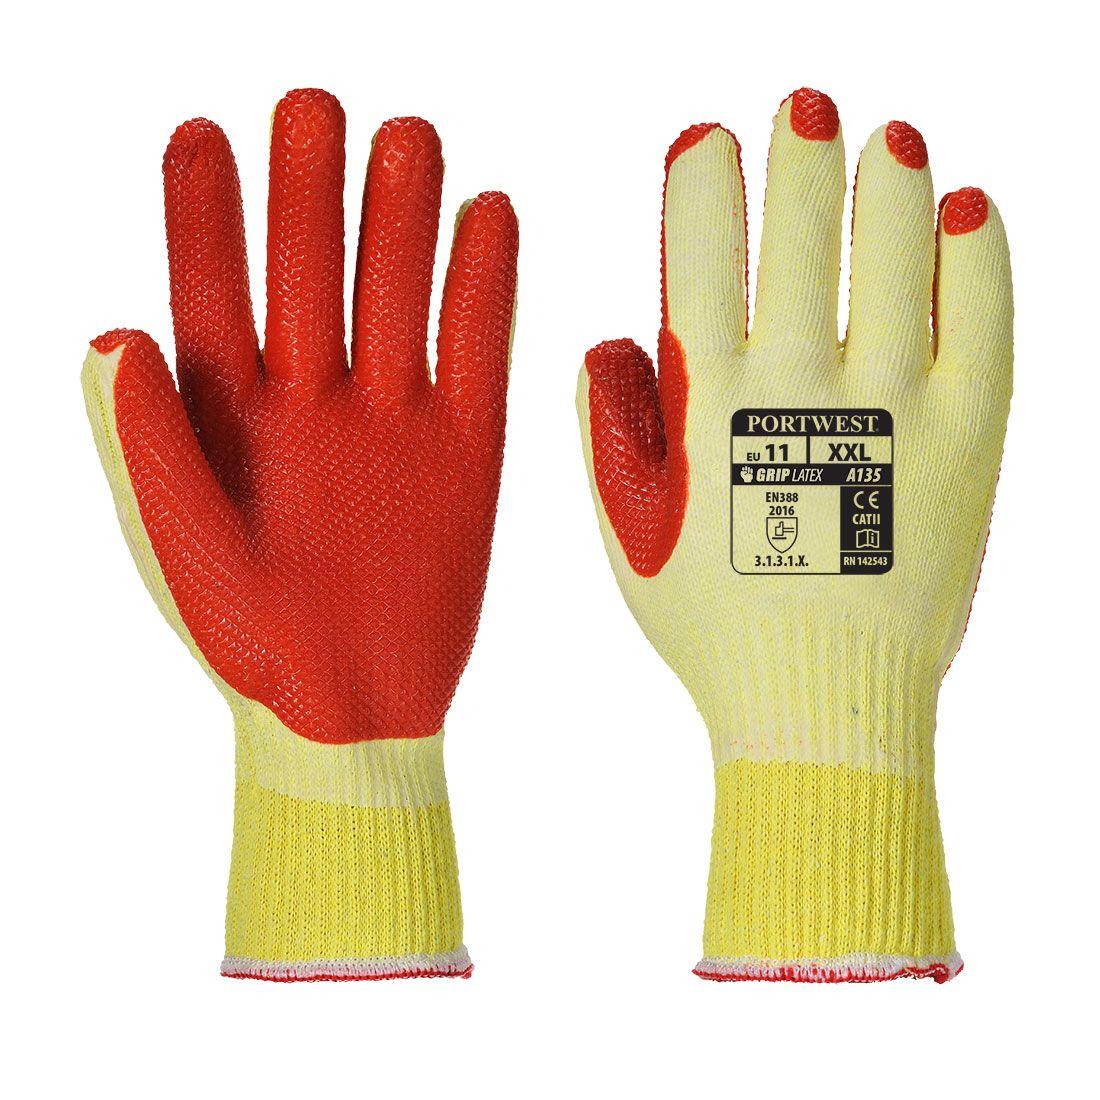 Portwest Touch Grip Munkavédelmi Kesztyű